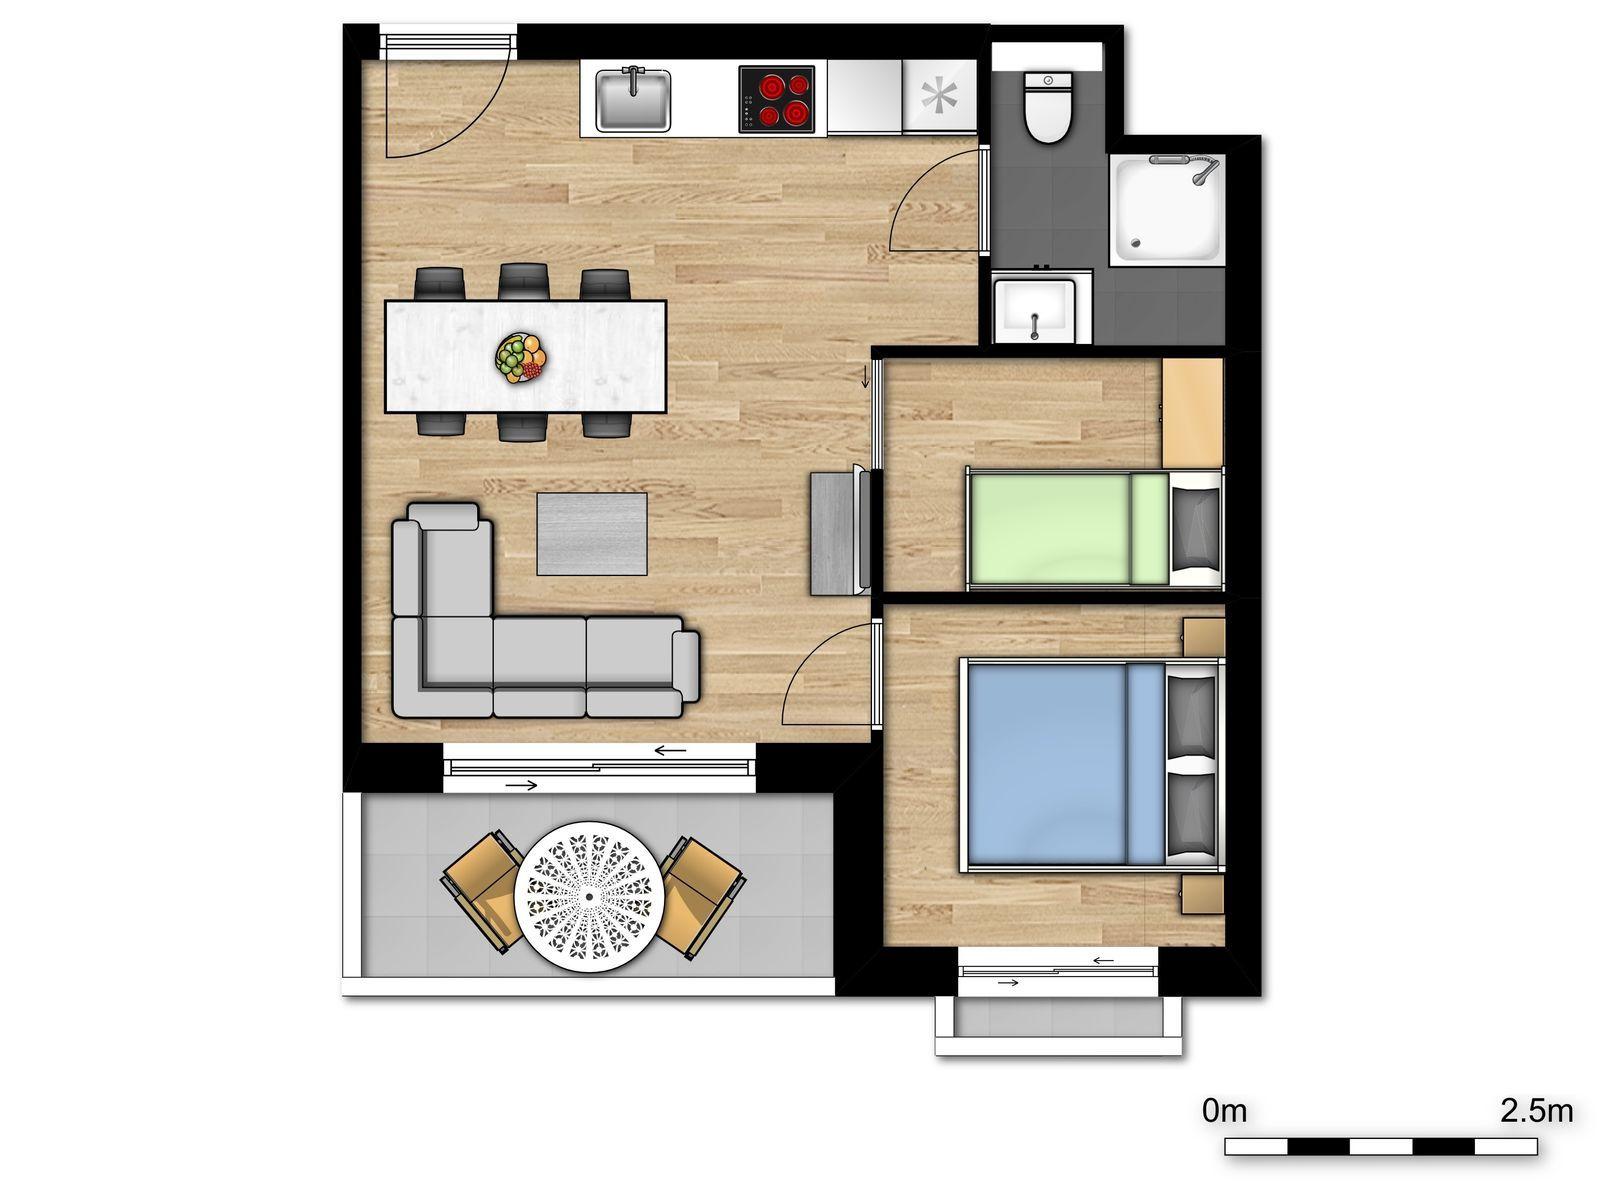 Nouveau logement de vacances pour 2 adultes et 3 enfants avec chambre à coucher